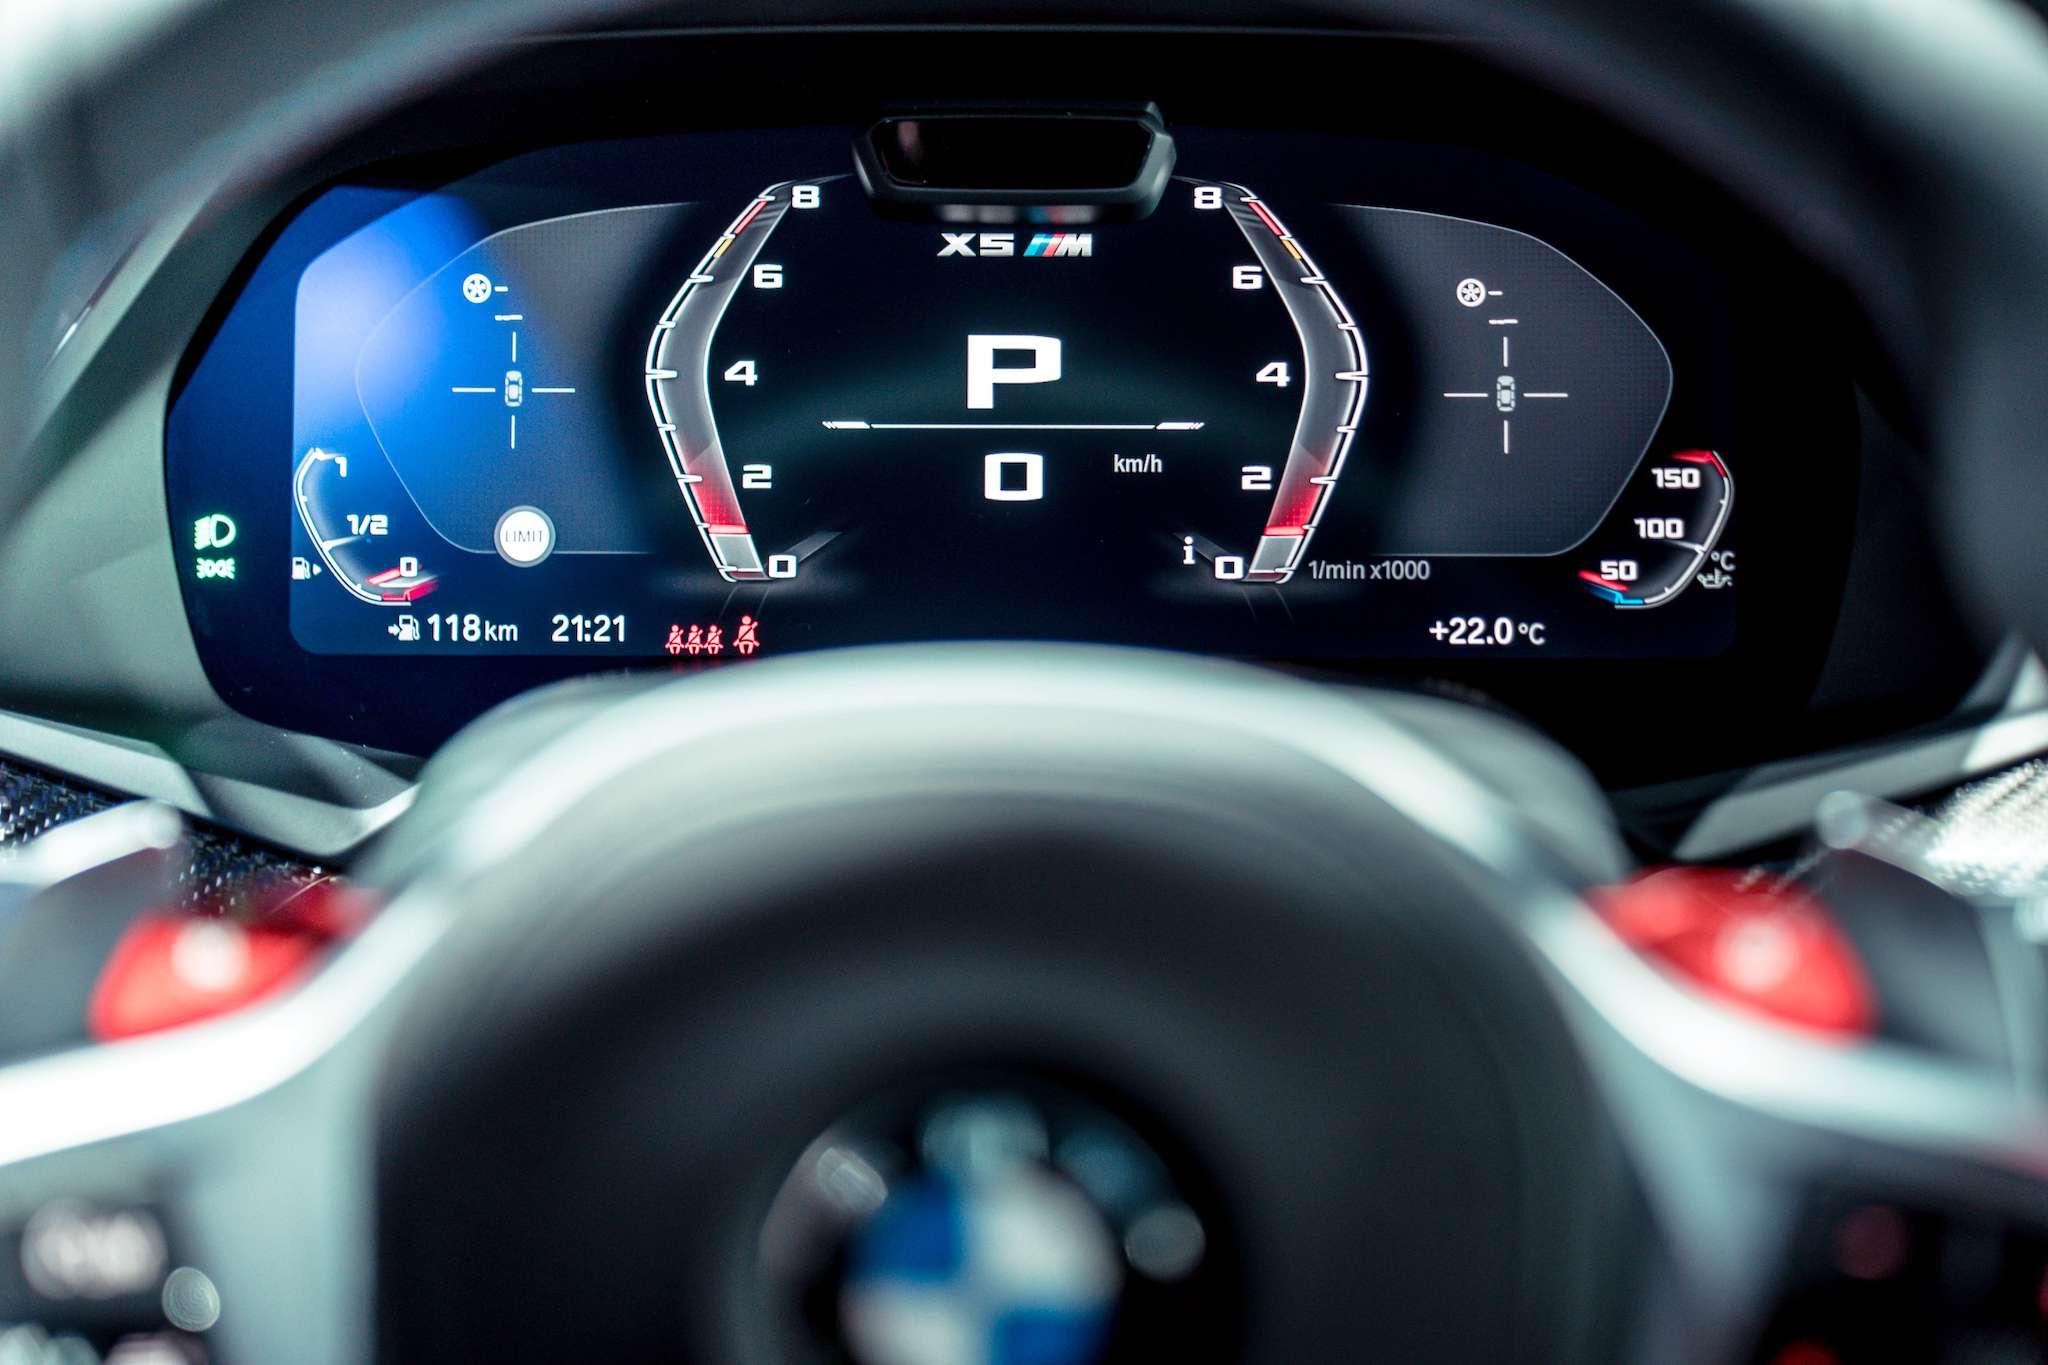 12.3 吋的虛擬數位儀錶在 Sport 模式中除去不必要的資訊,保留最精準數據,簡潔俐落的顯示畫面讓駕駛更全心專注。